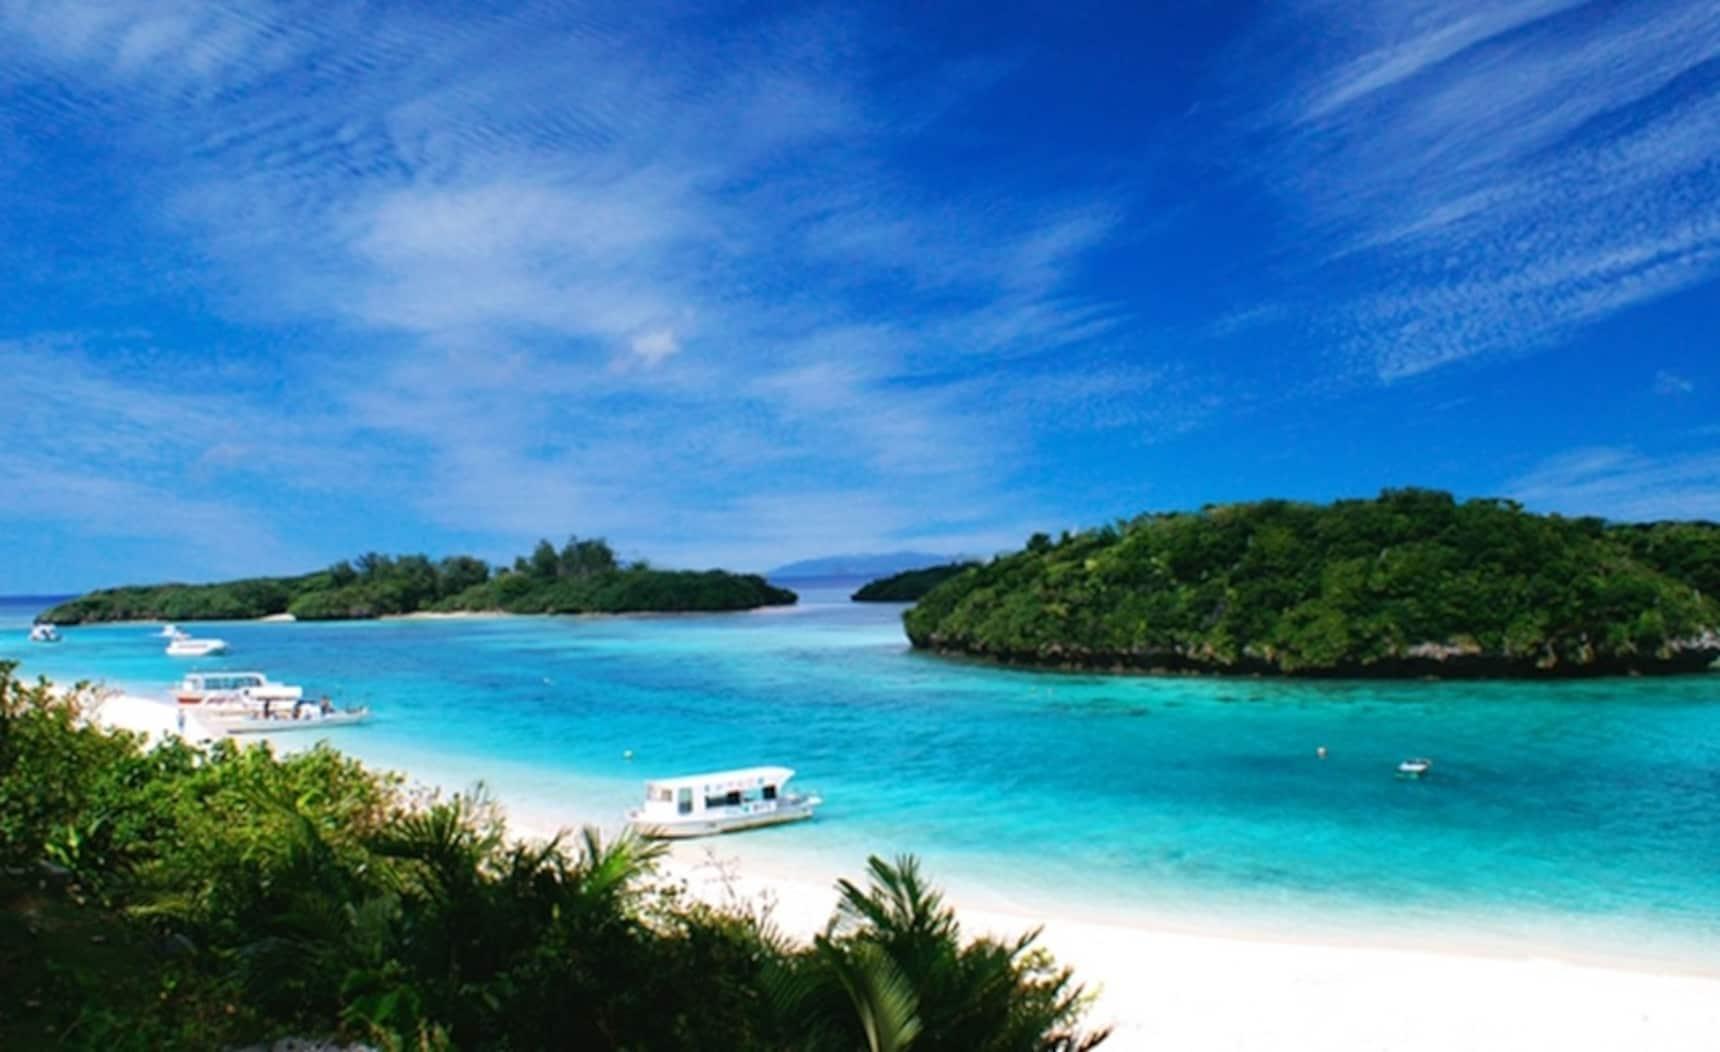 Okinawa & Naha Travel on a Budget